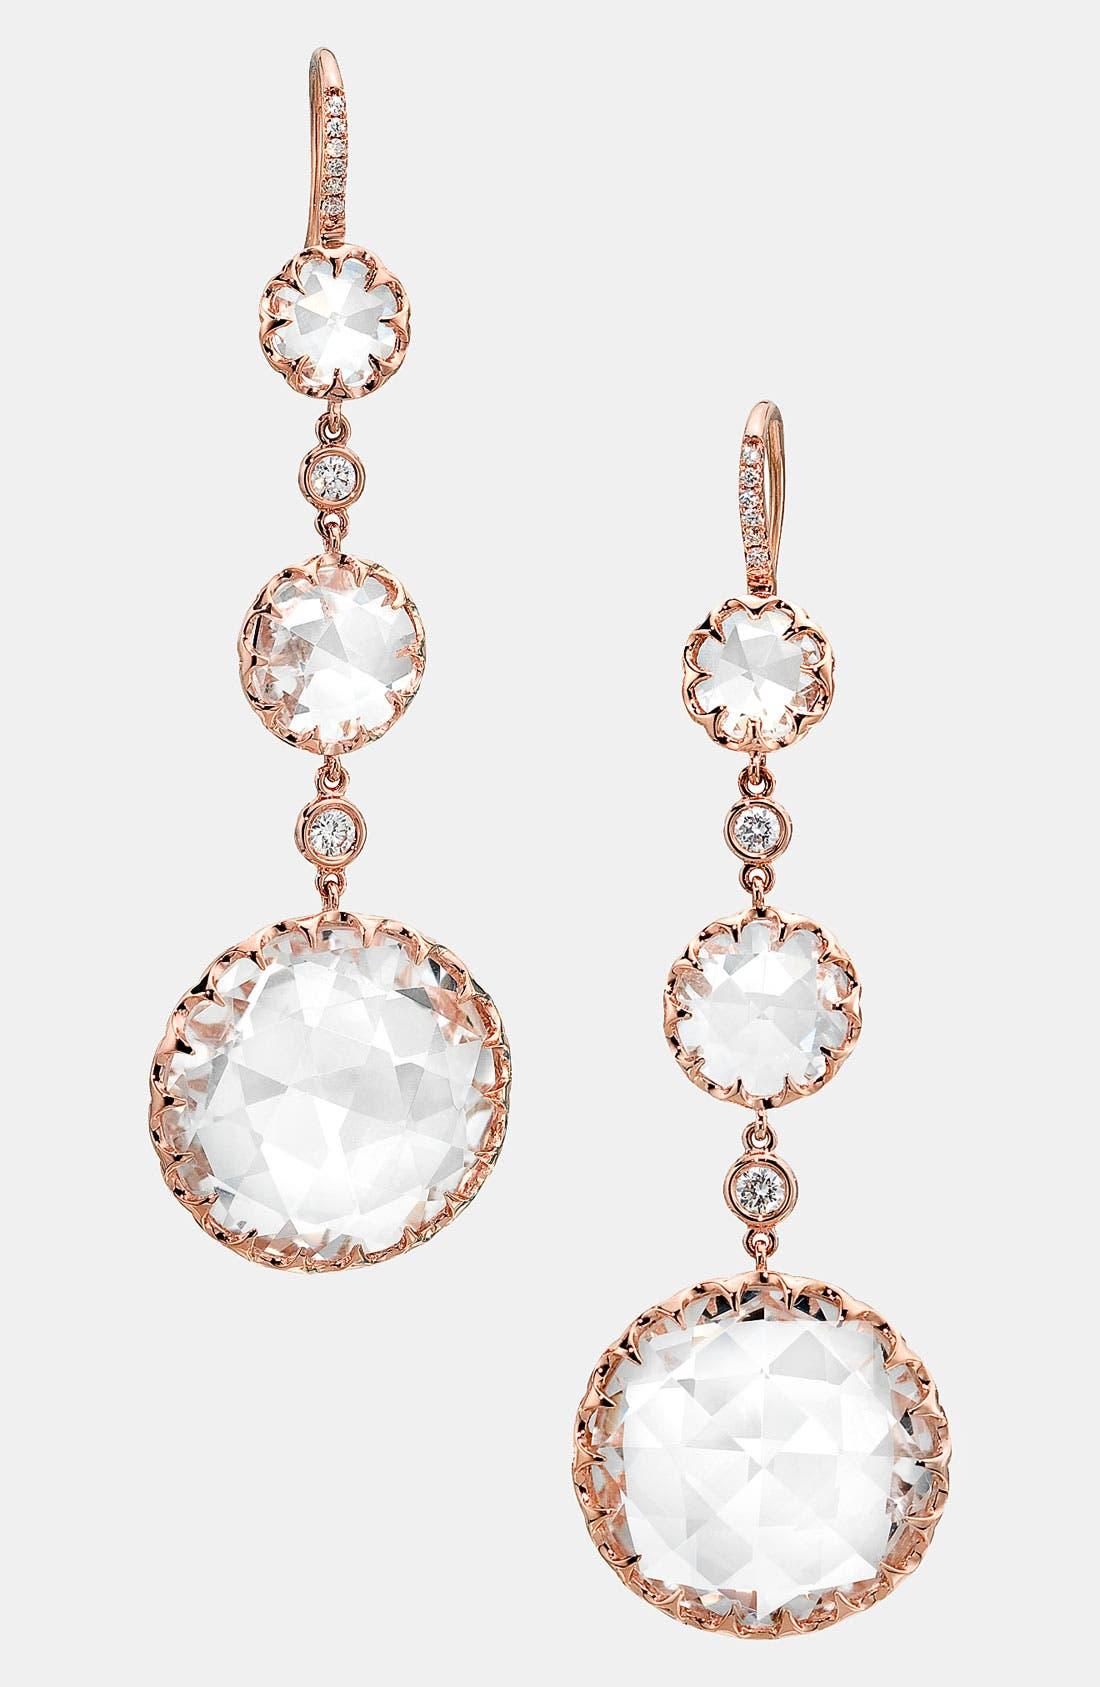 Main Image - Ivanka Trump 'Rose Gold' Long Stone & Diamond Drop Earrings